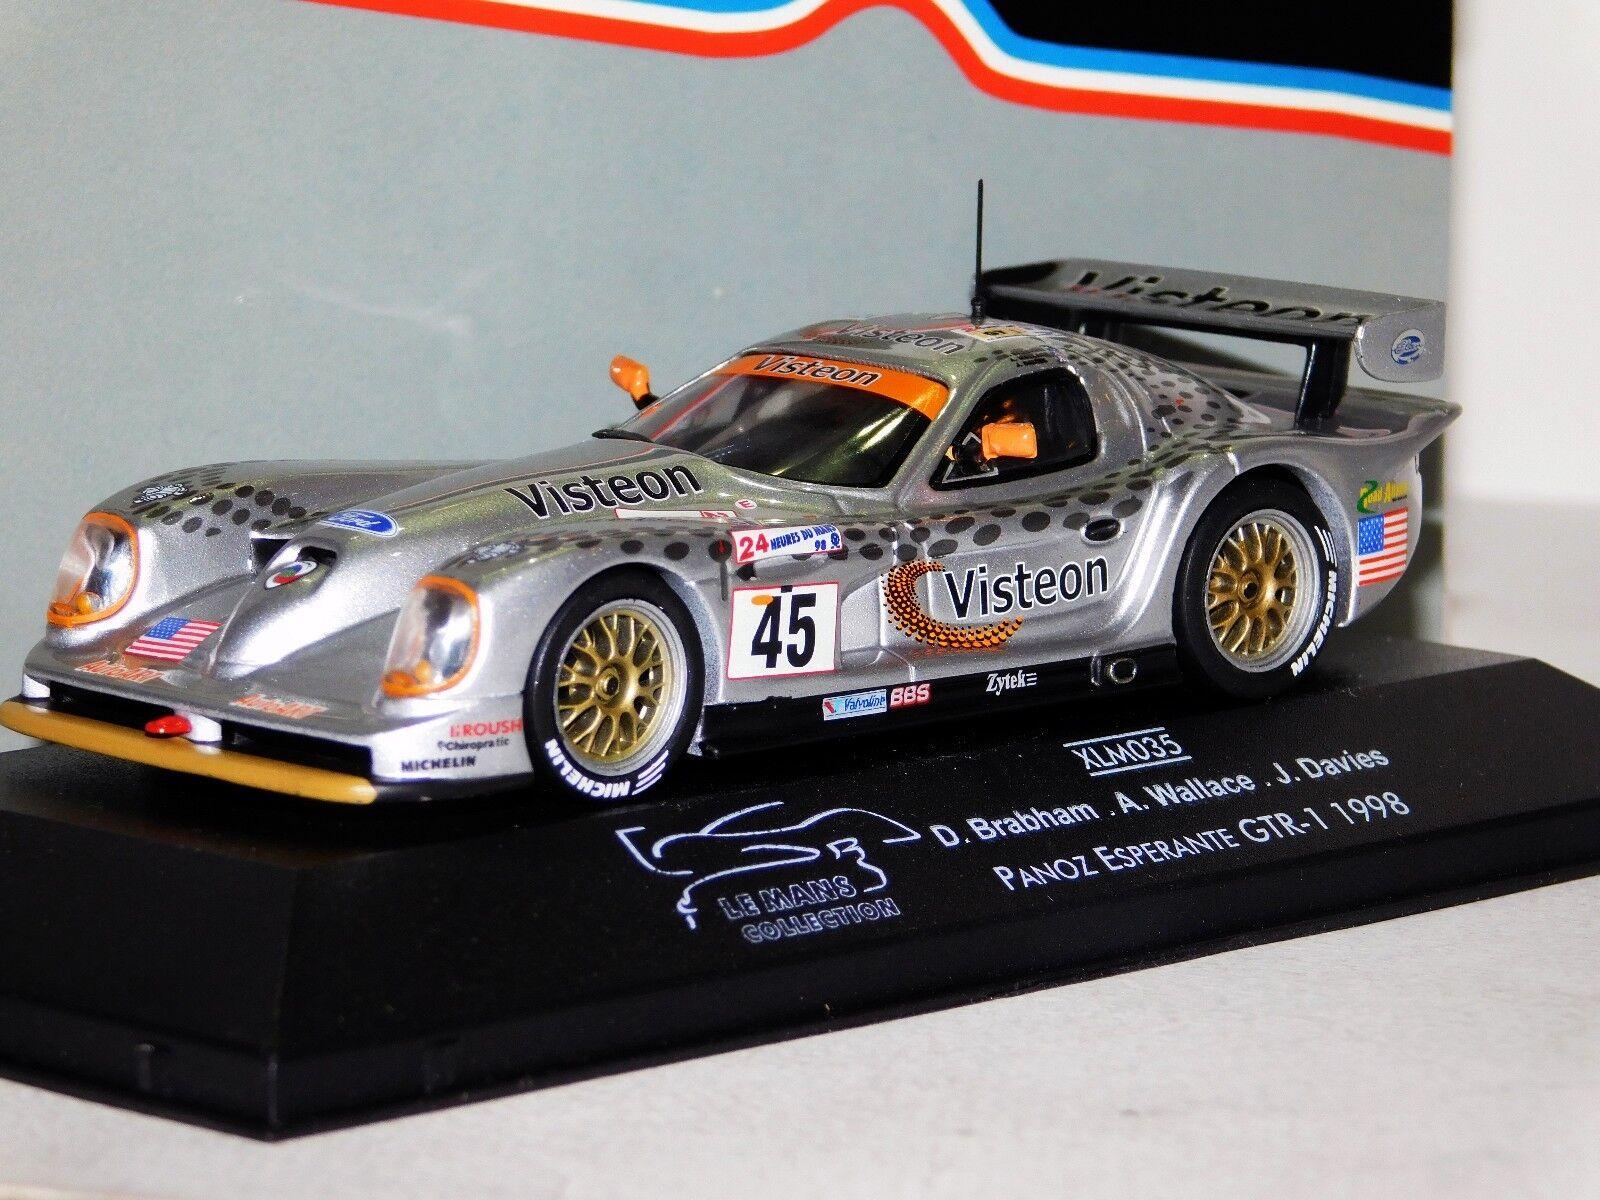 en promociones de estadios Panoz Ligas GTR1  45 45 45 Brabham Wallace Davies Limited Edition Mans 1998 Onyx XLM035 1 43  n ° 1 en línea